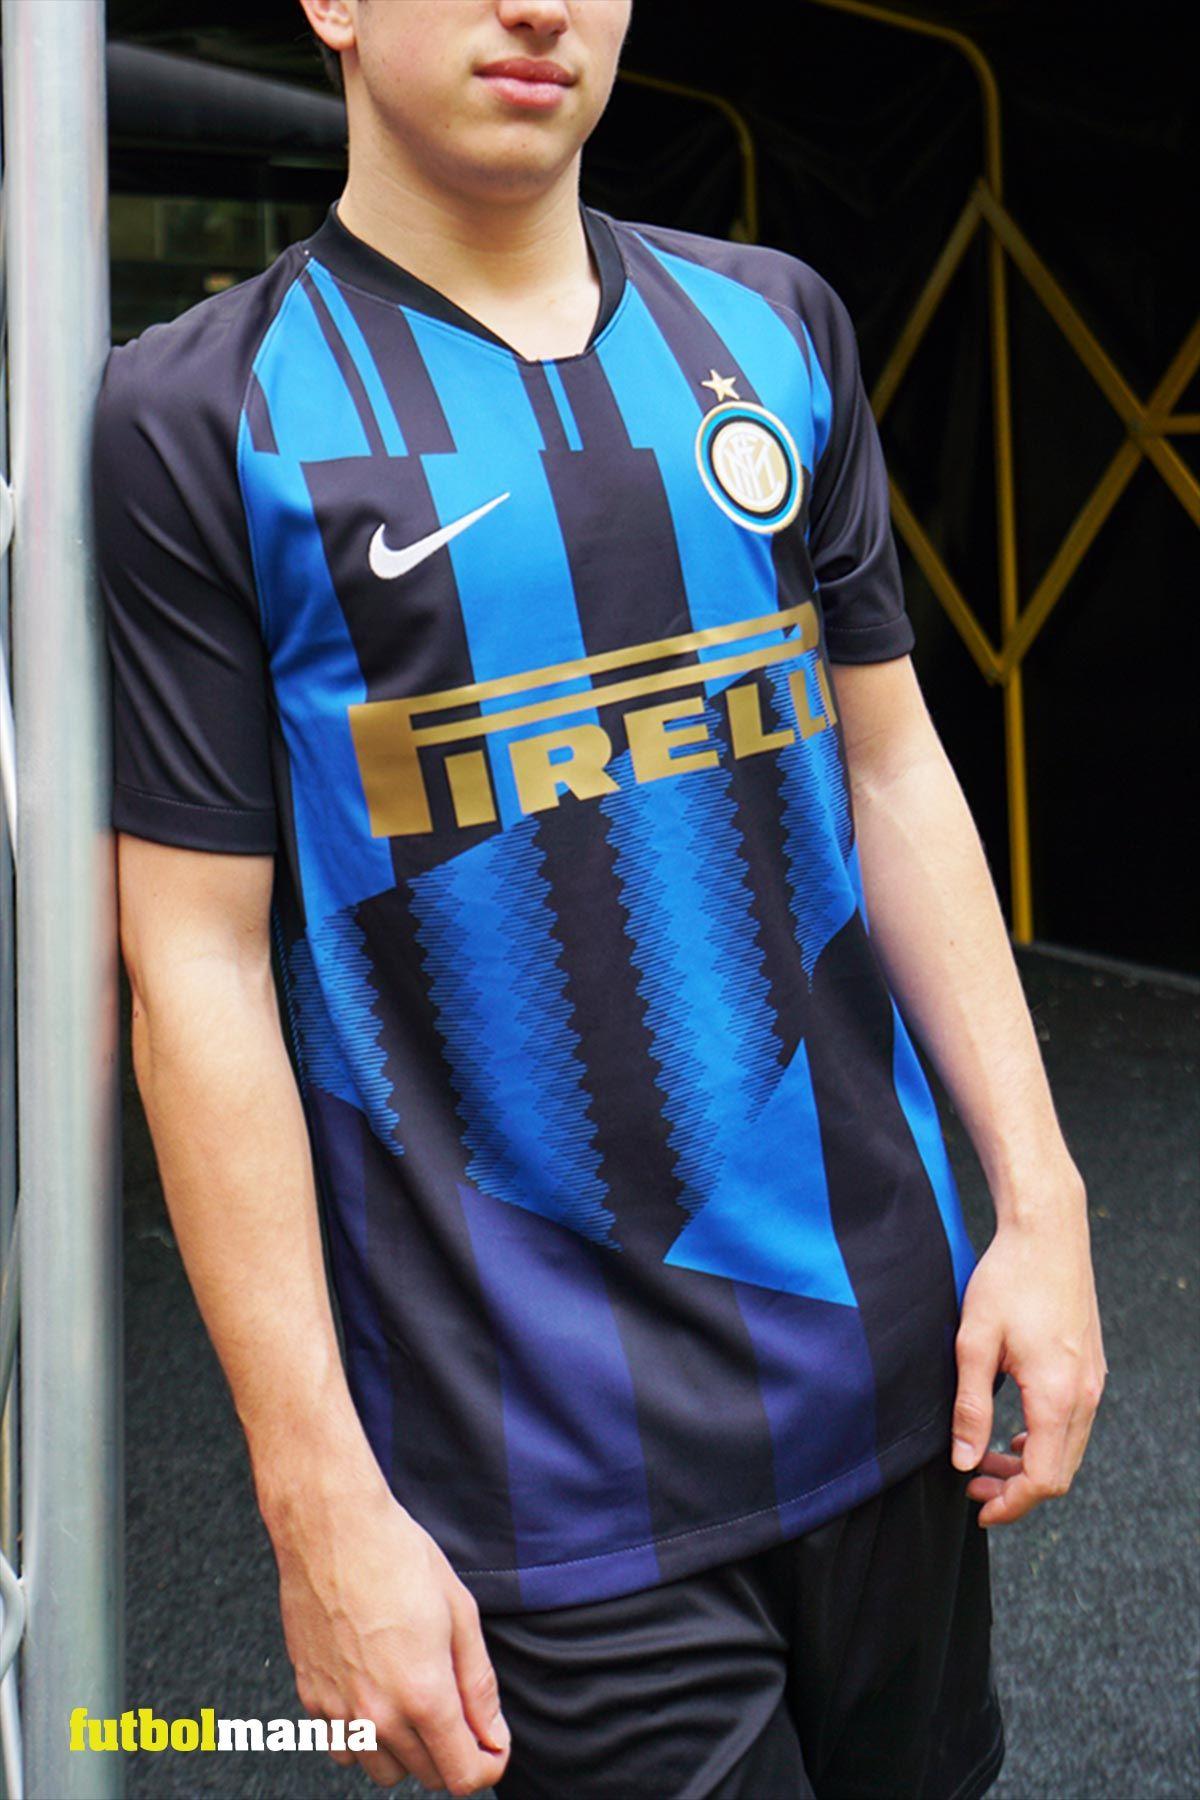 e63d57aefc4 Esta es la camiseta conmemorativa del 20 aniversario del patrocinio del  Inter de Milán con la